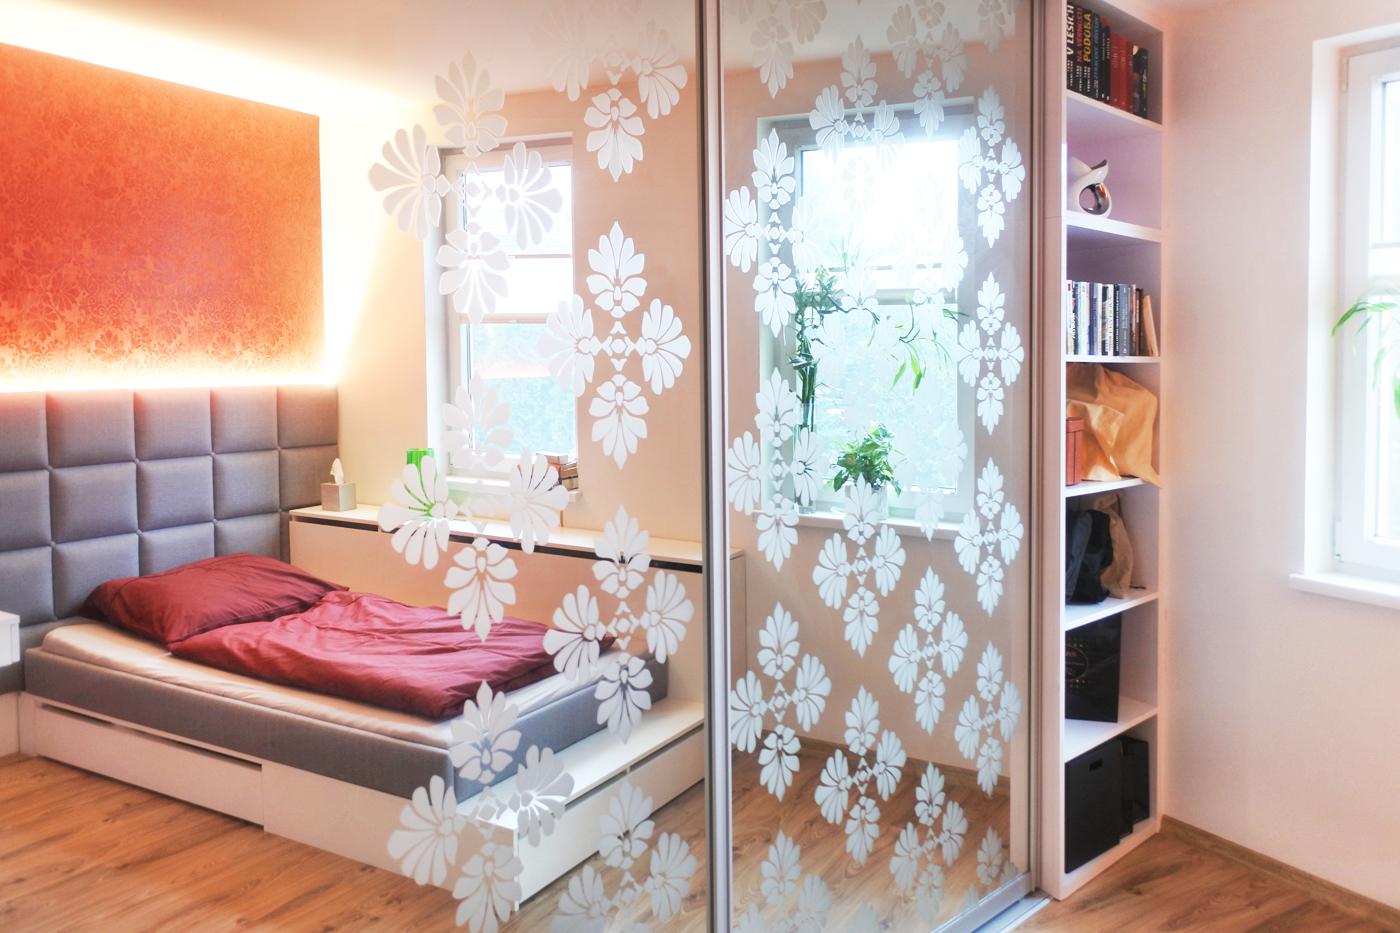 Postupná realizace interiéru rodinného domu v Bohumíně se zatím završila dámským budoárem.